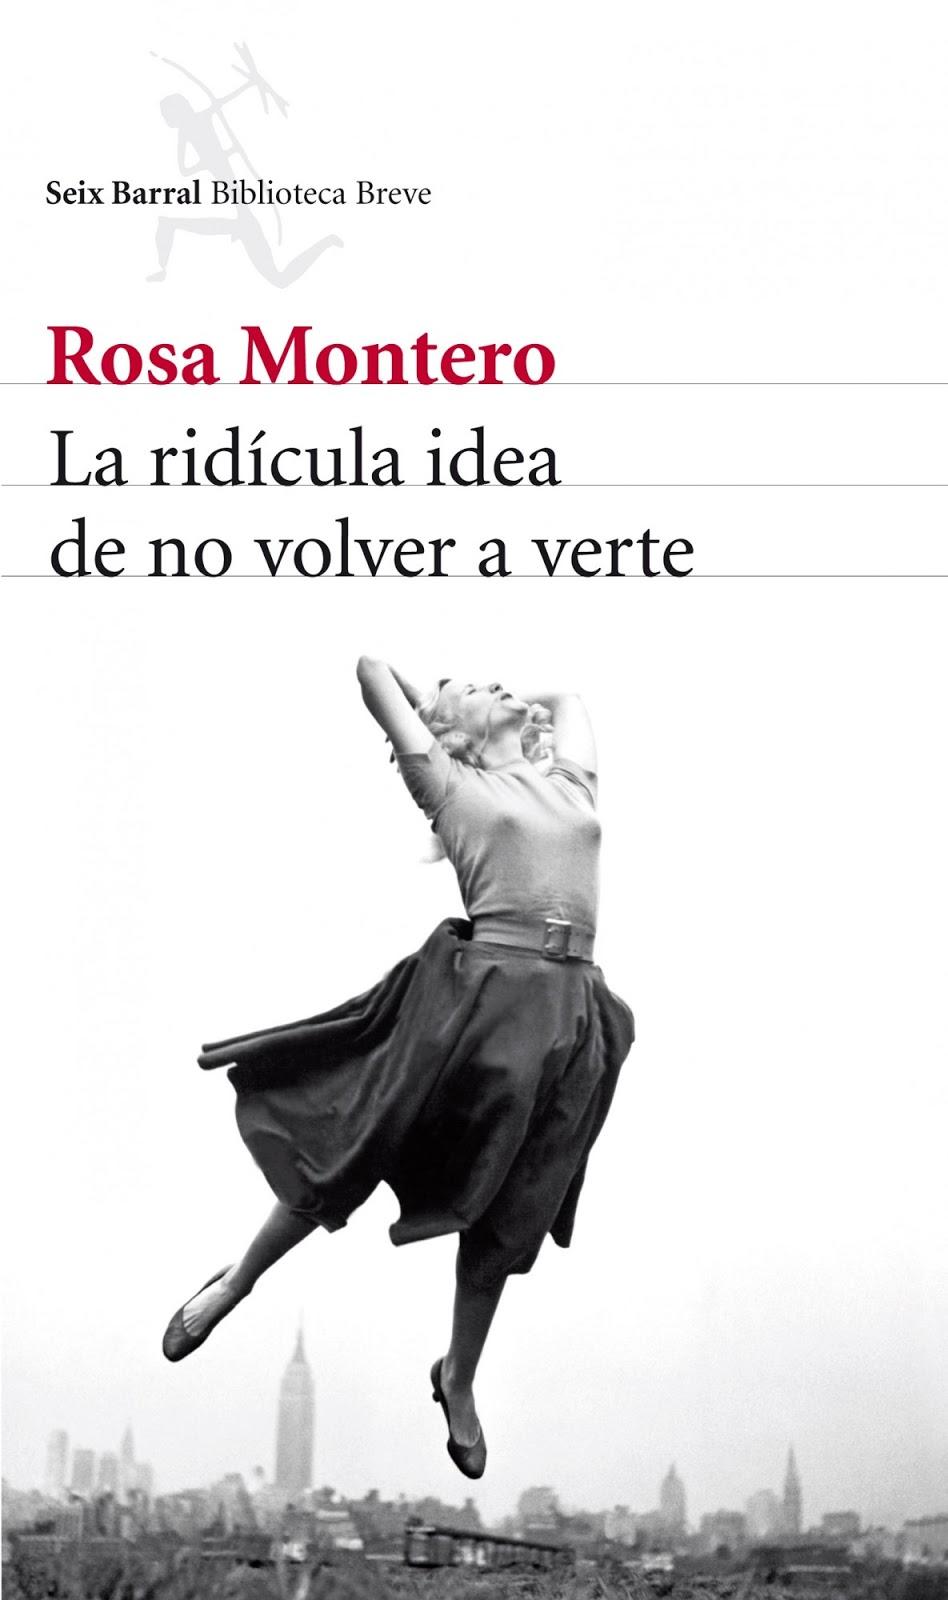 Titulo La ridcula idea de no volver a verte Autor Rosa Montero A±o 2013 2013 Traducido por Braulio Garca Jaén